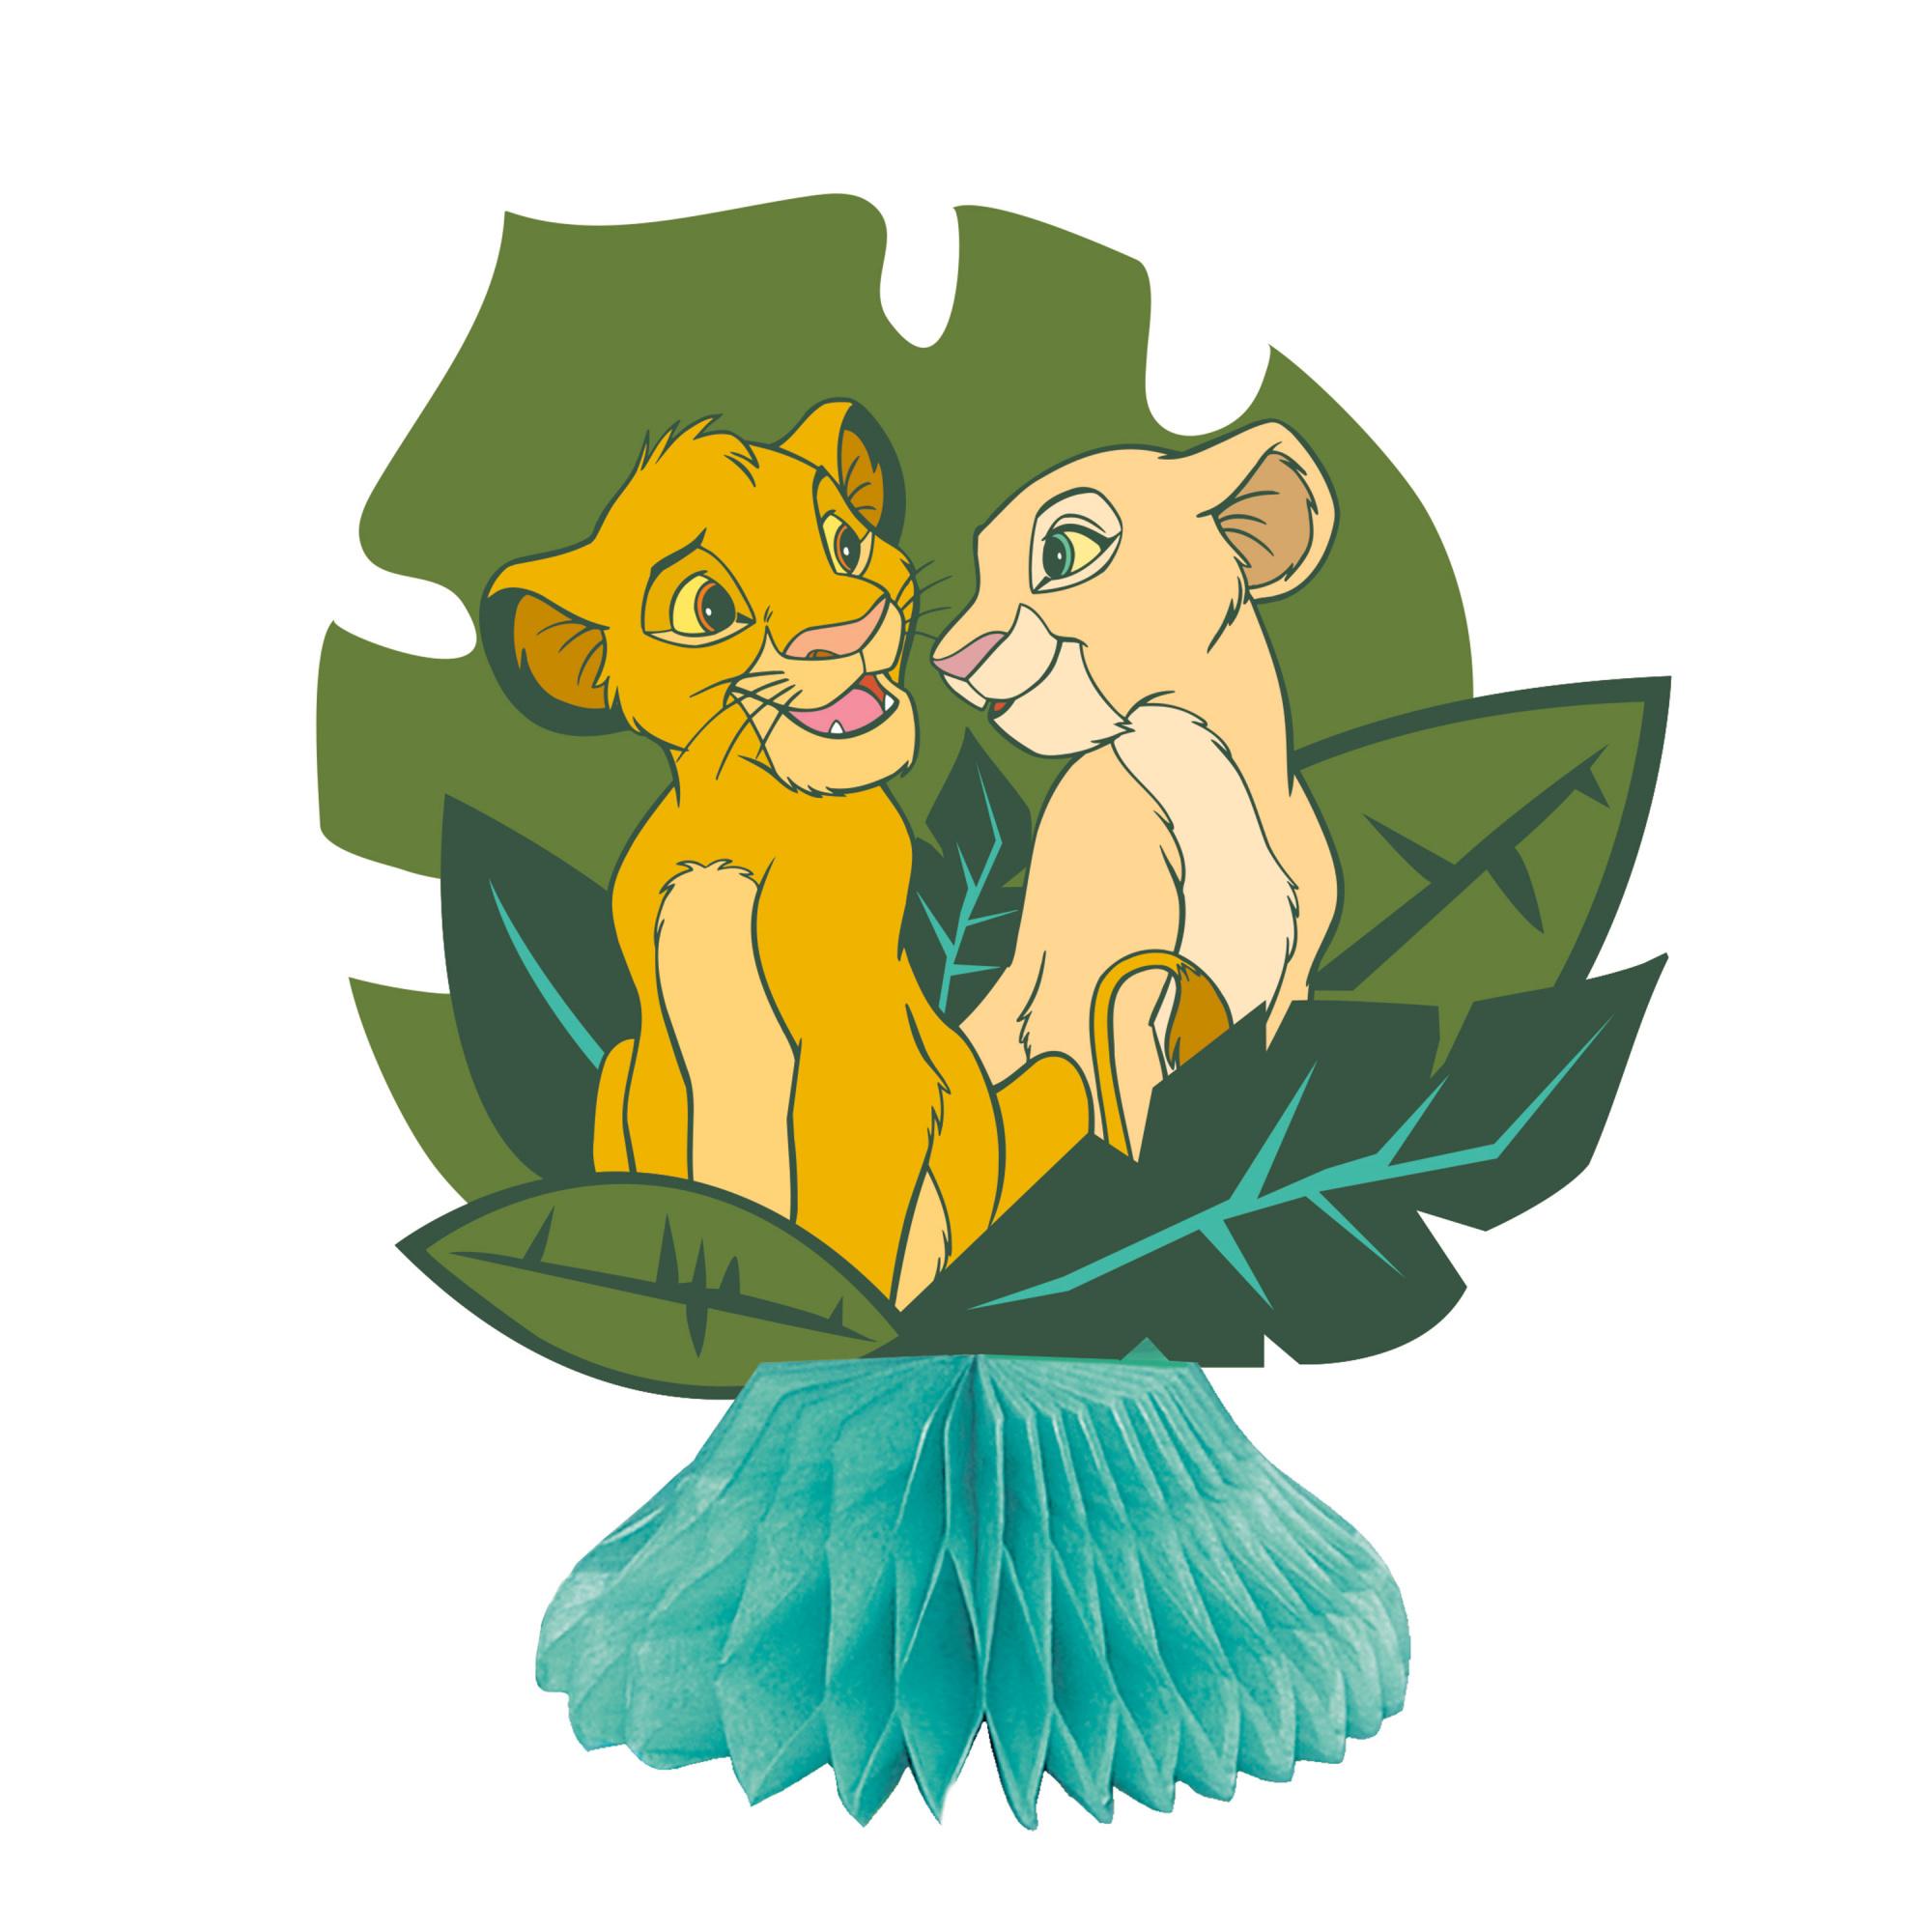 The Lion King Party Decorating Kit 7pcs